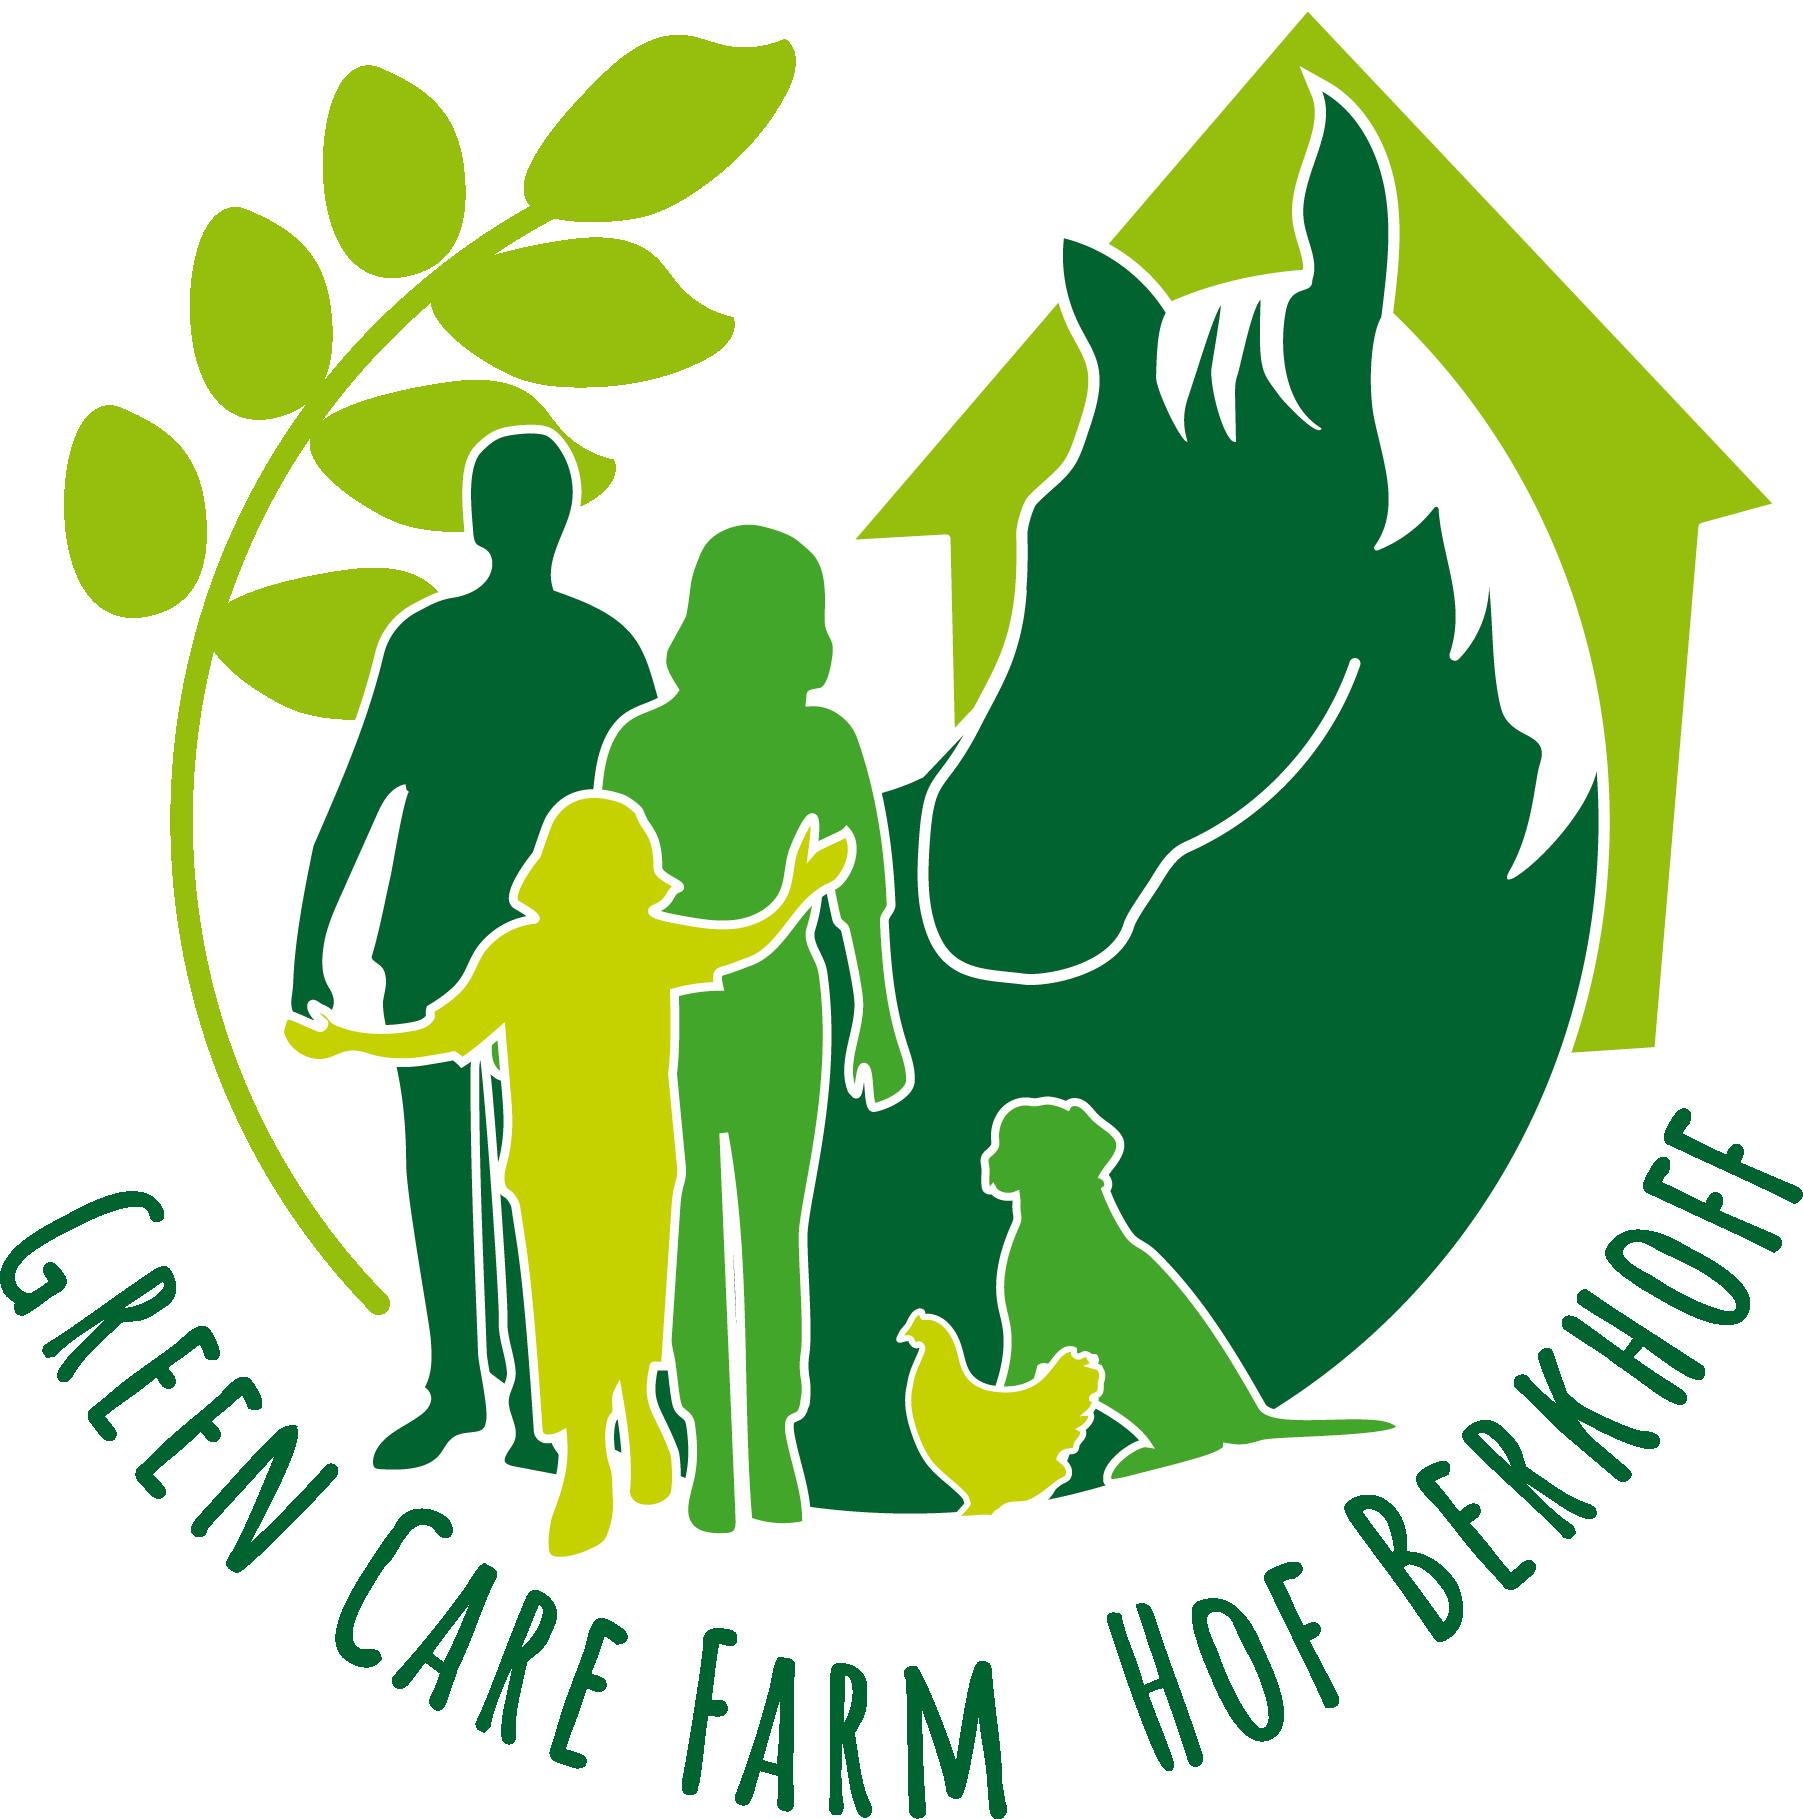 greencarefarm.de